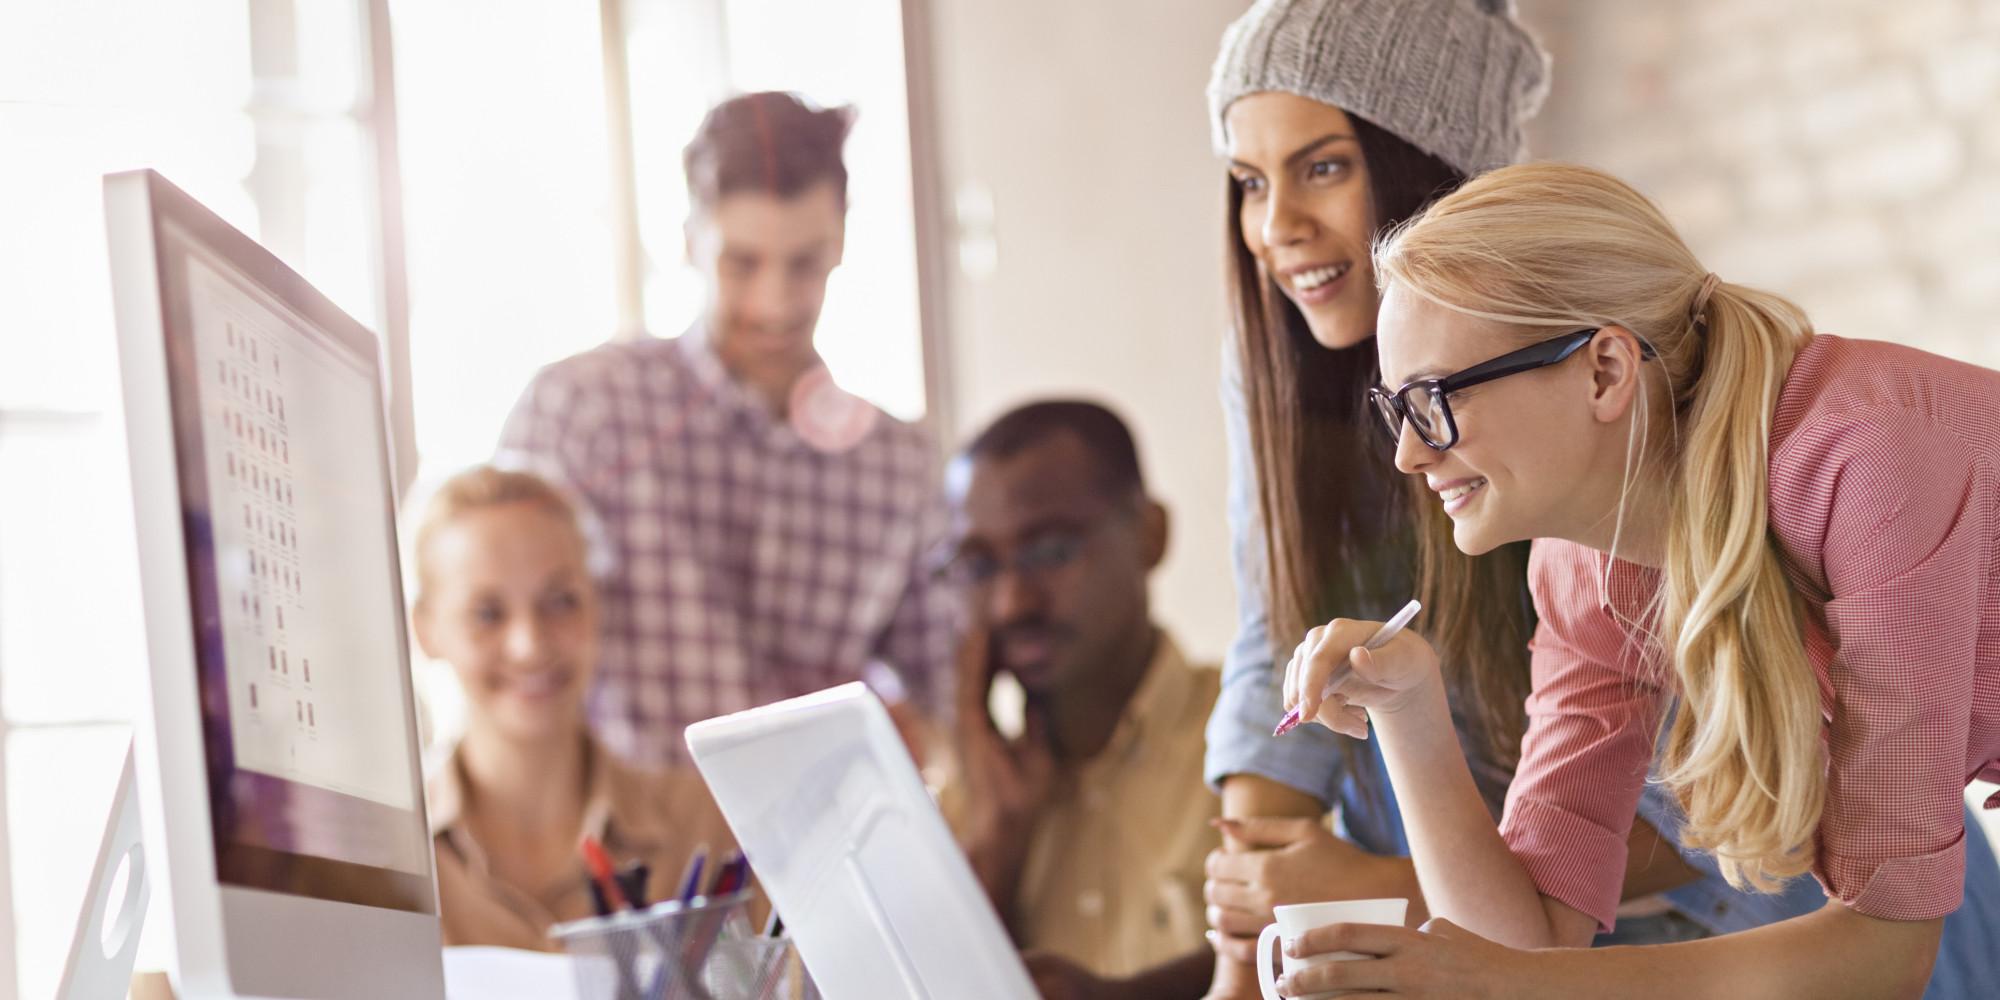 Dependiendo de las vacantes disponibles en Google, los jóvenes podrían quedarse a trabajar allí permanentemente. (Foto: Google equations)